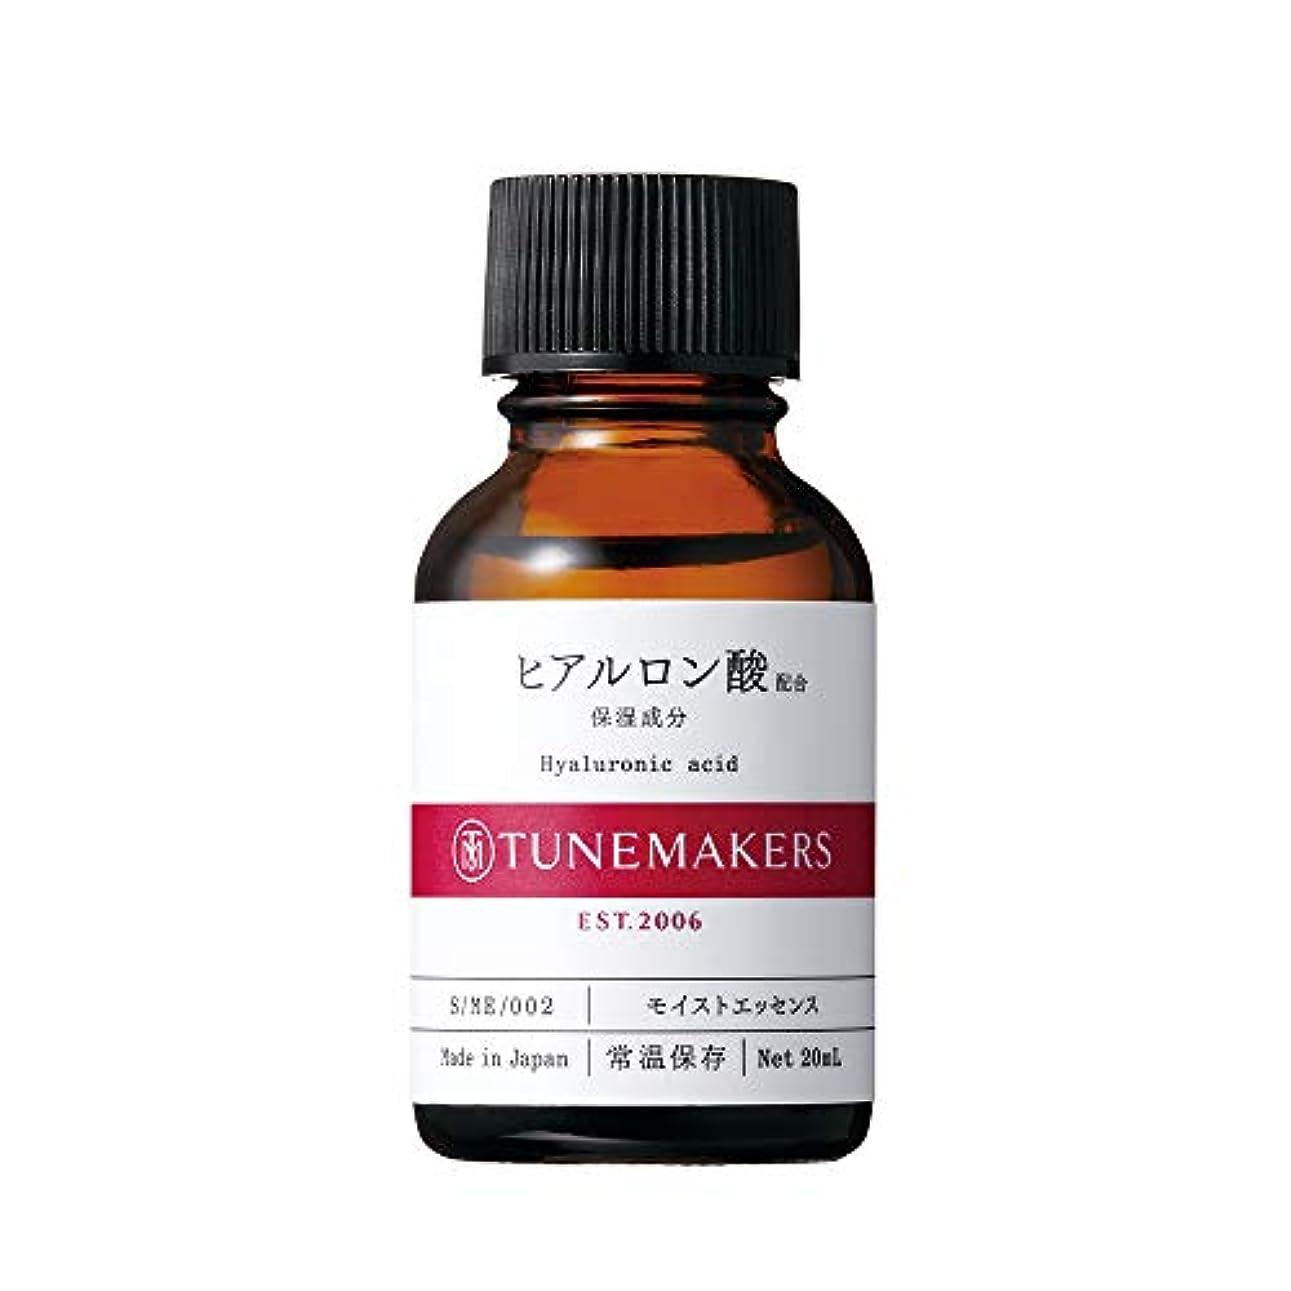 平凡艶インレイTUNEMAKERS(チューンメーカーズ) ヒアルロン酸 美容液 20ml